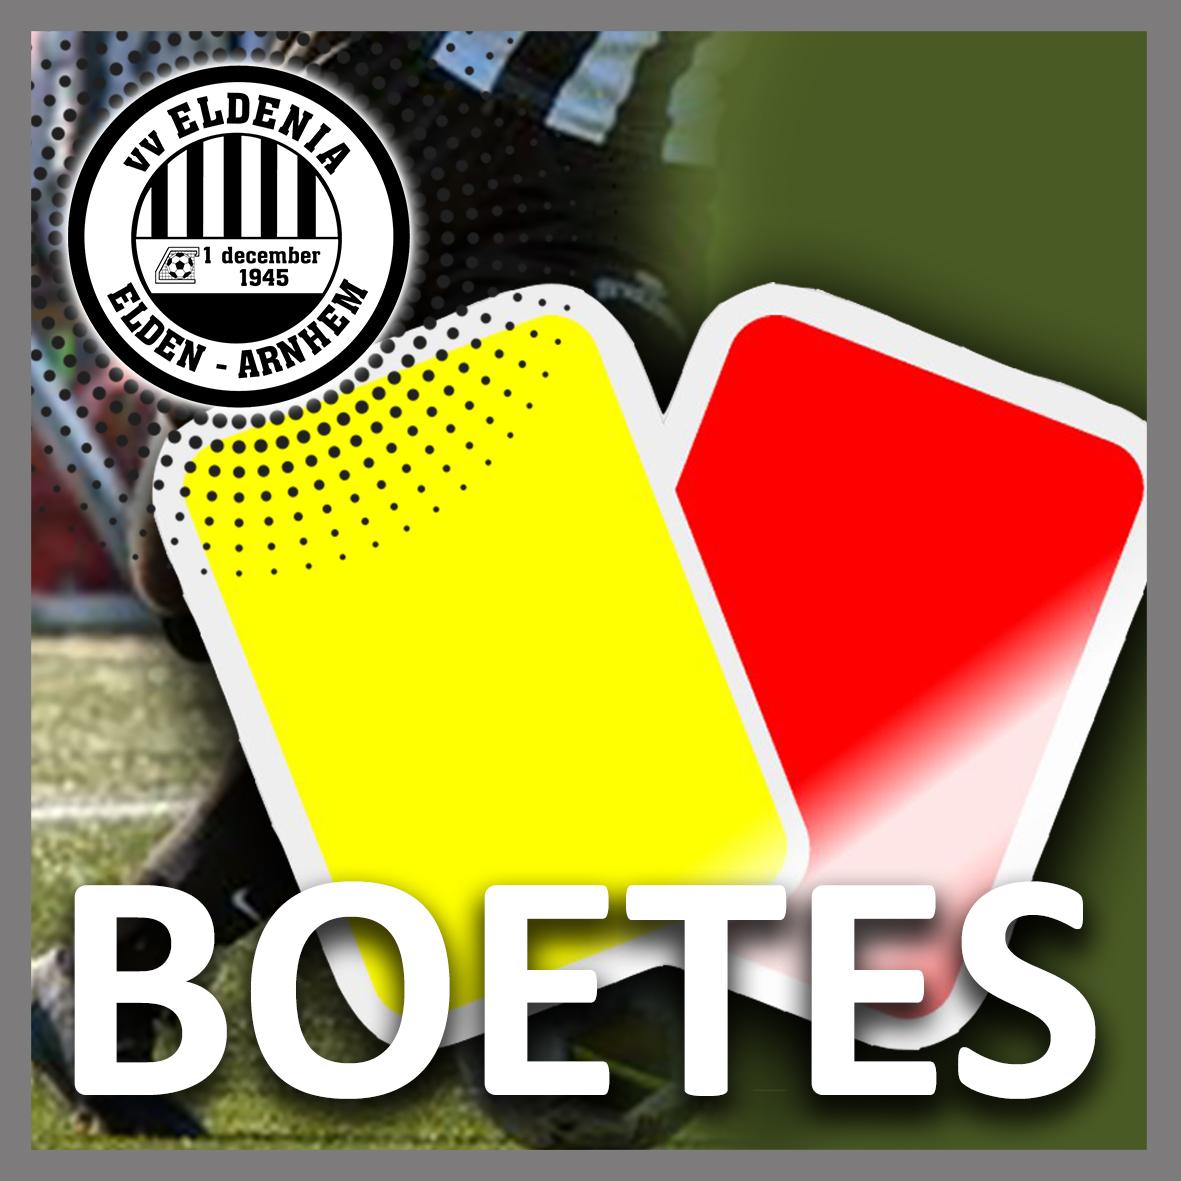 Boetes rode & gele kaarten